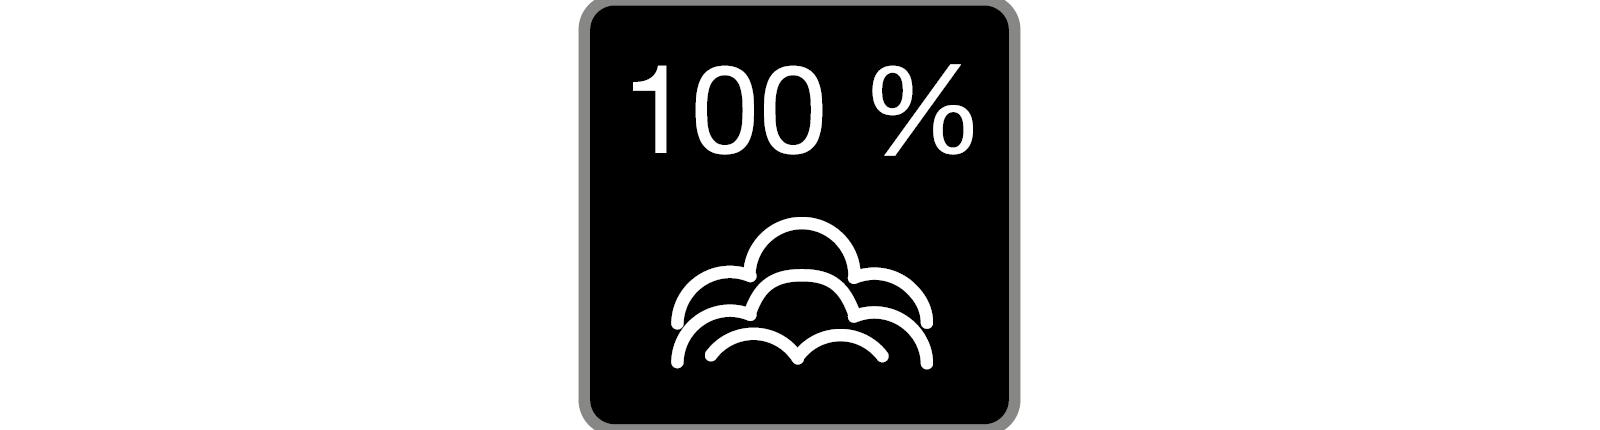 100 prawdziwych stron z podłączeniami